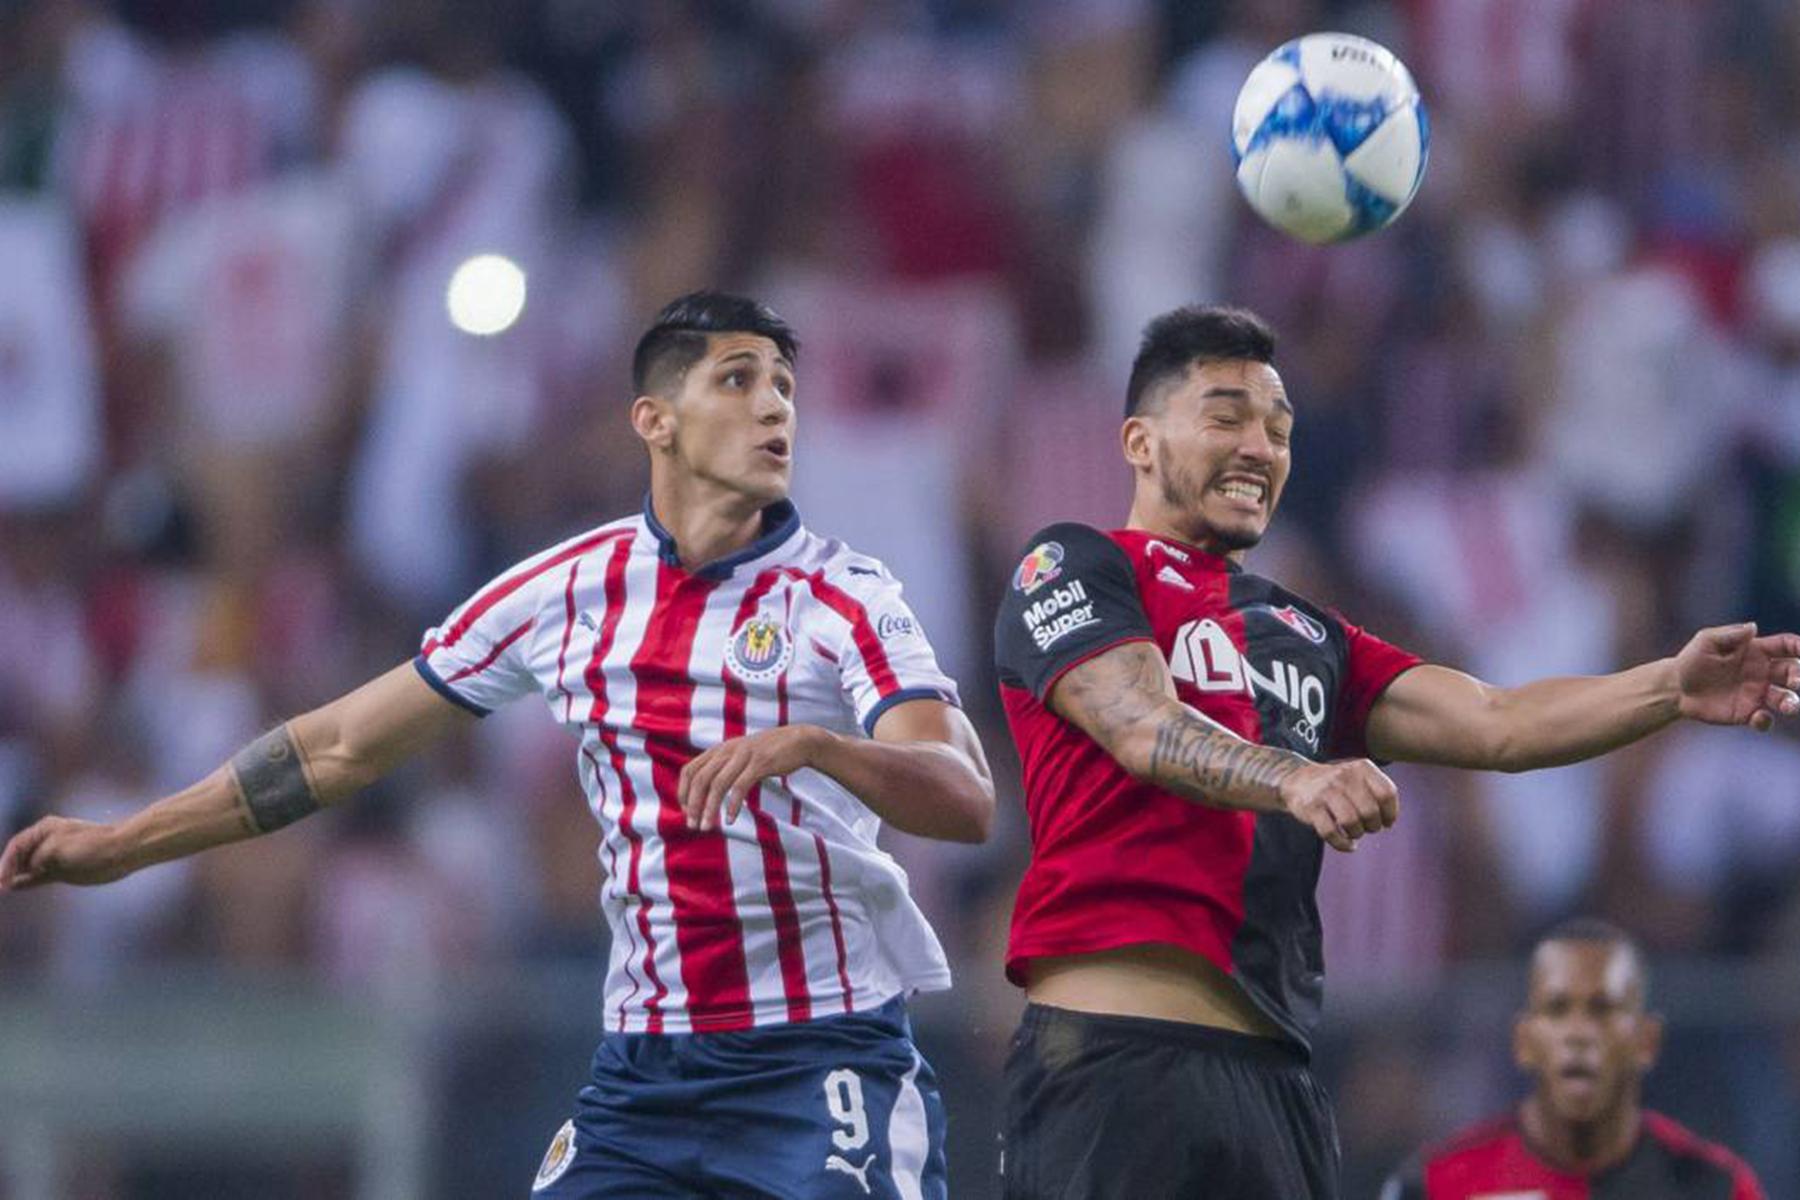 Chivas vs Atlas